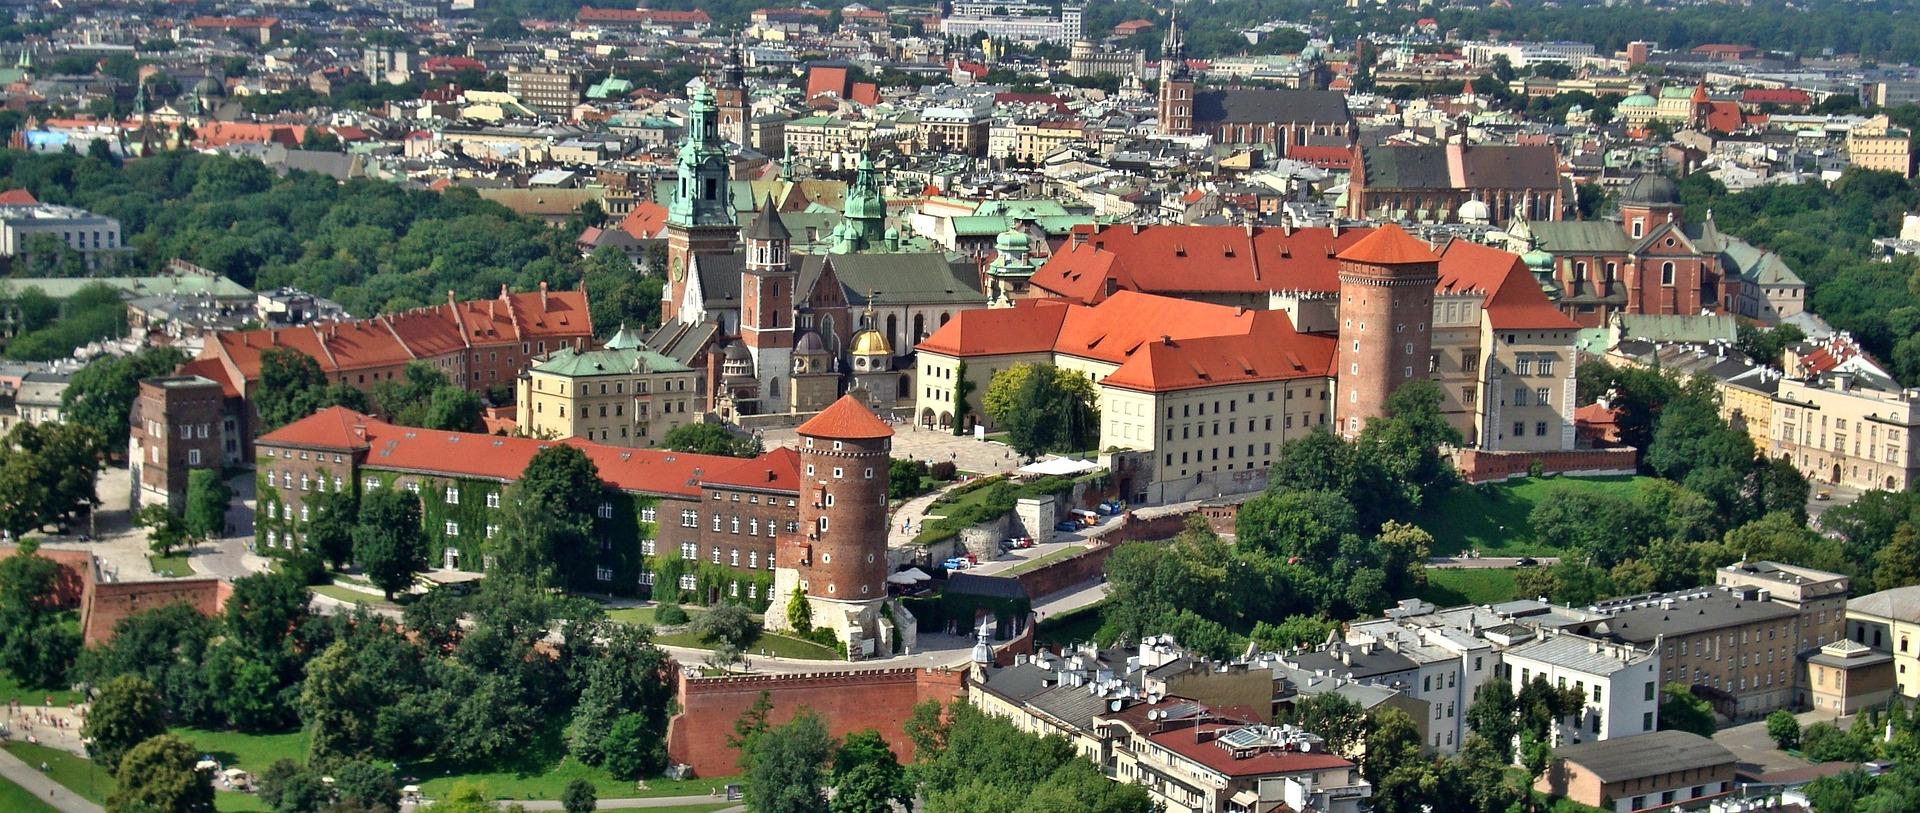 Doświadczeni prawnicy w Krakowie – Pomoc w upadłości konsumenckiej